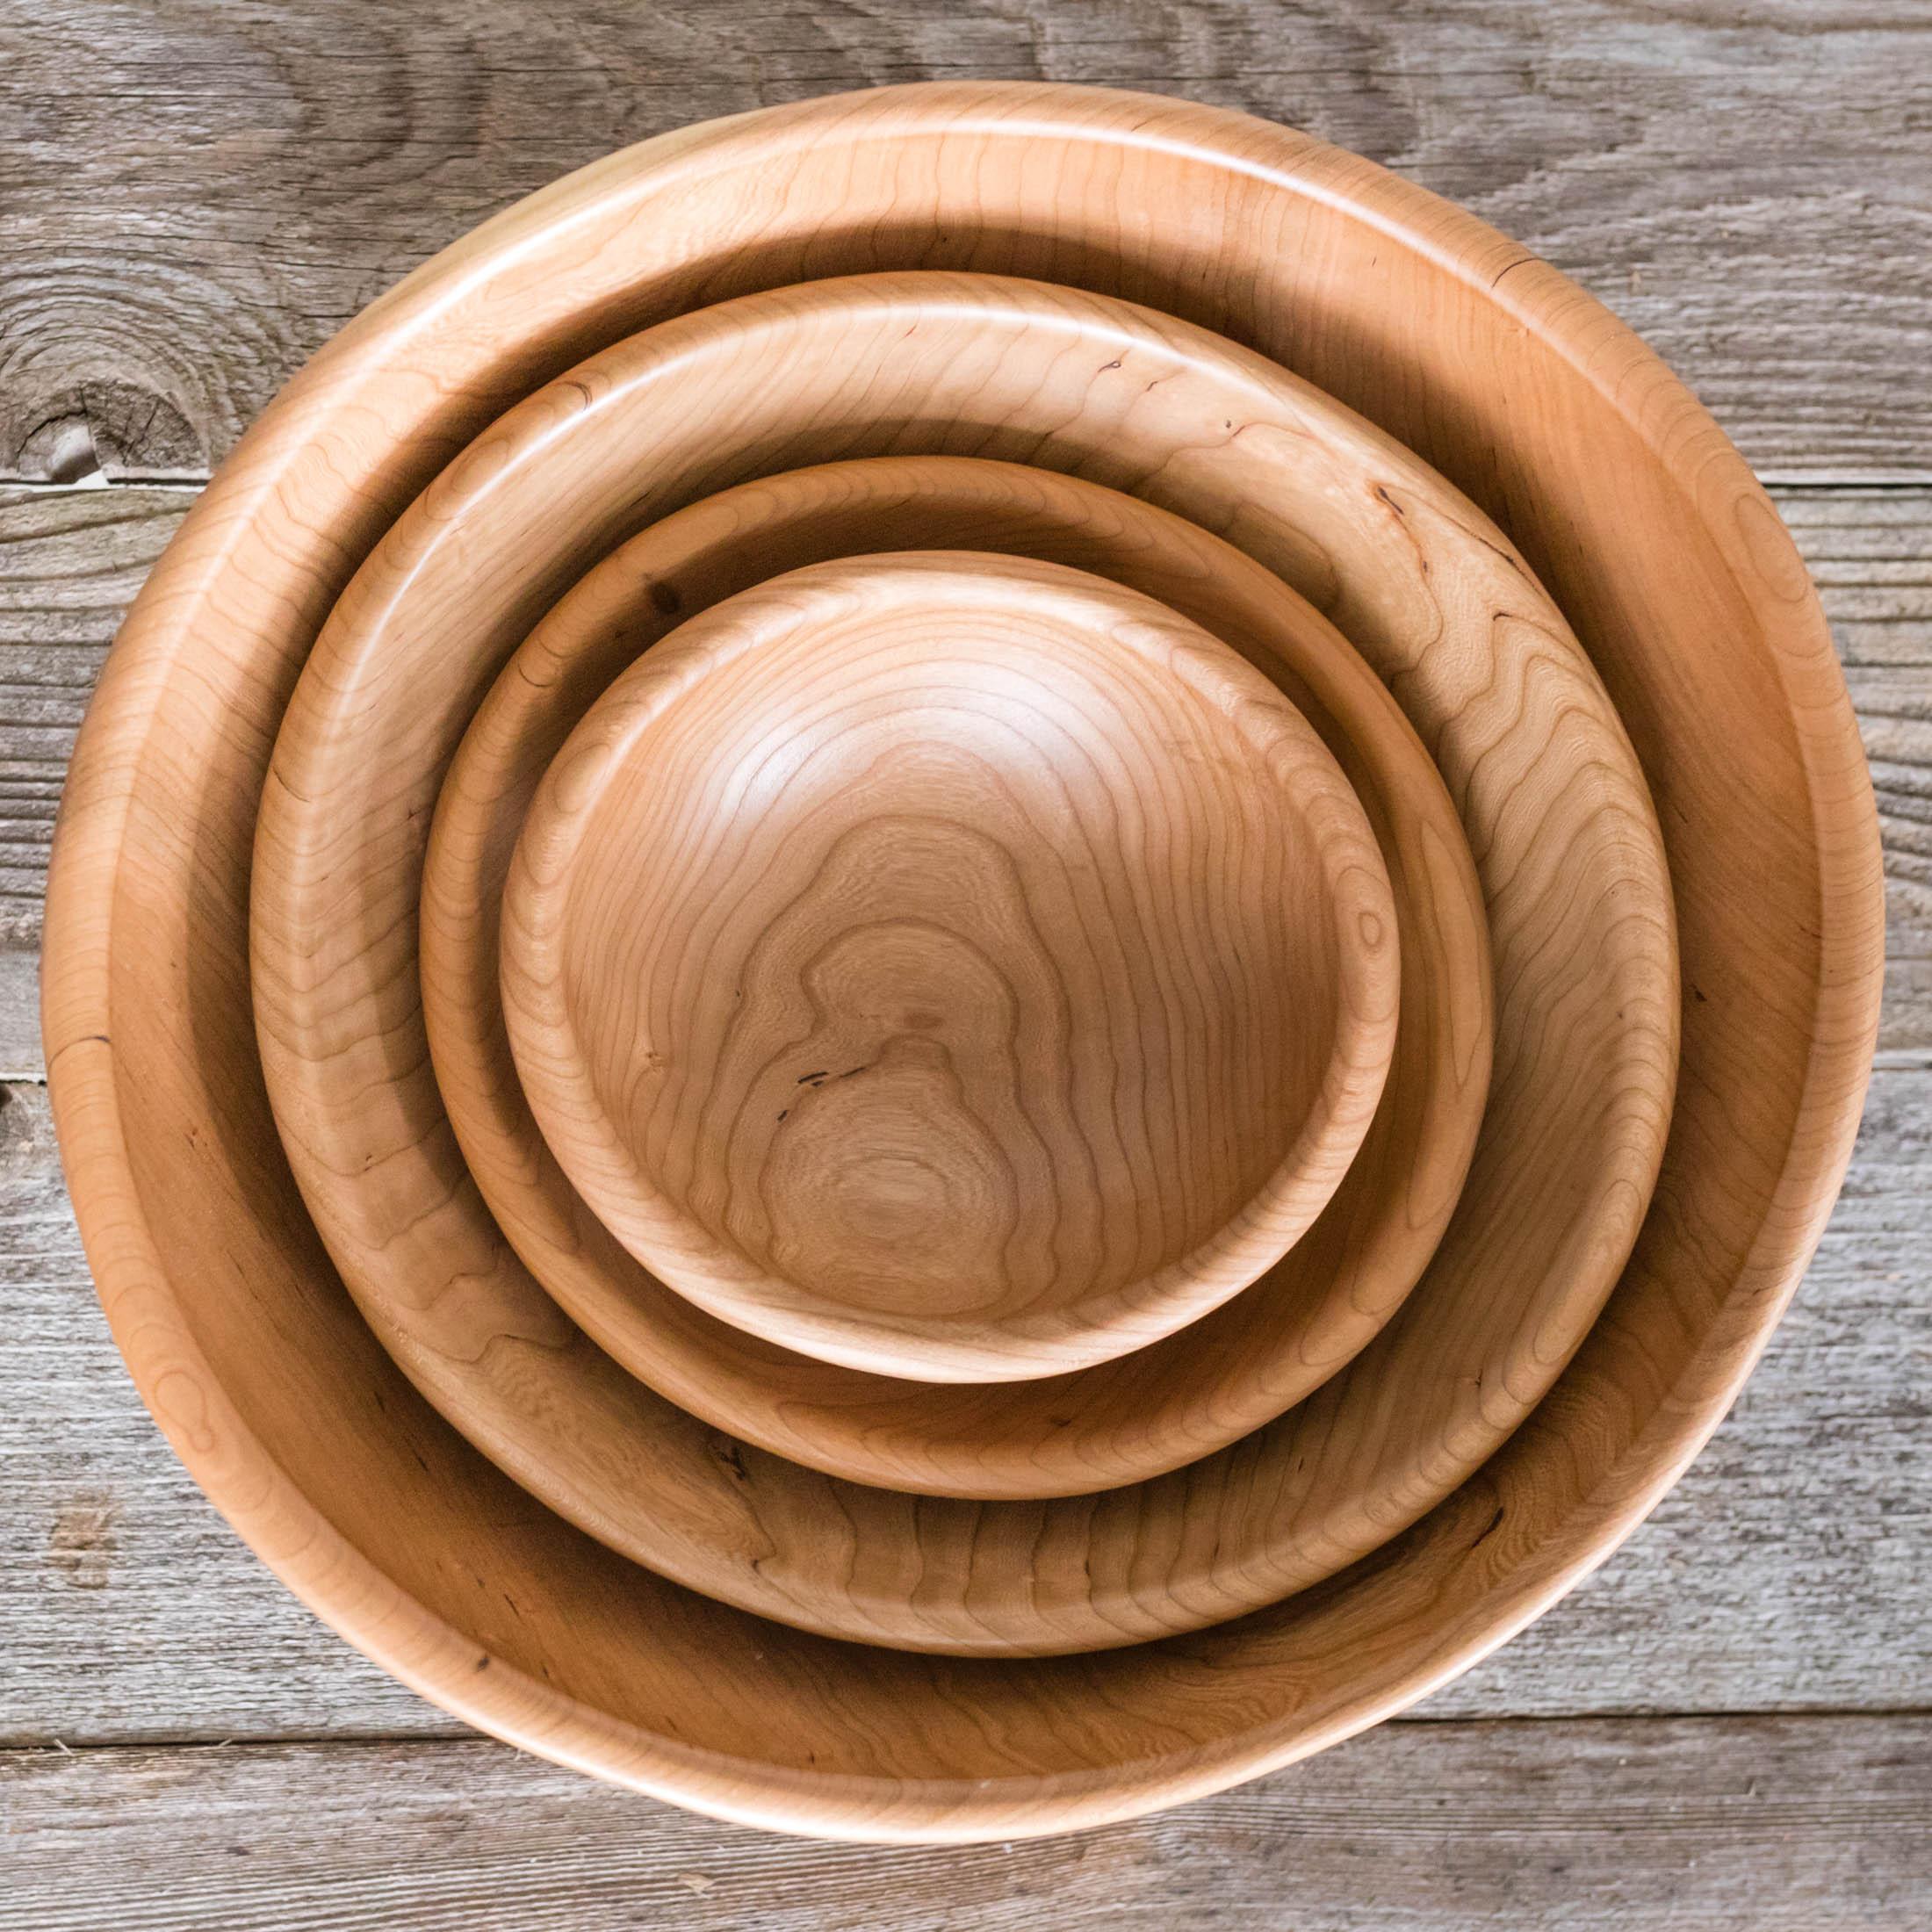 nicole rhea wood 138 1 jpg